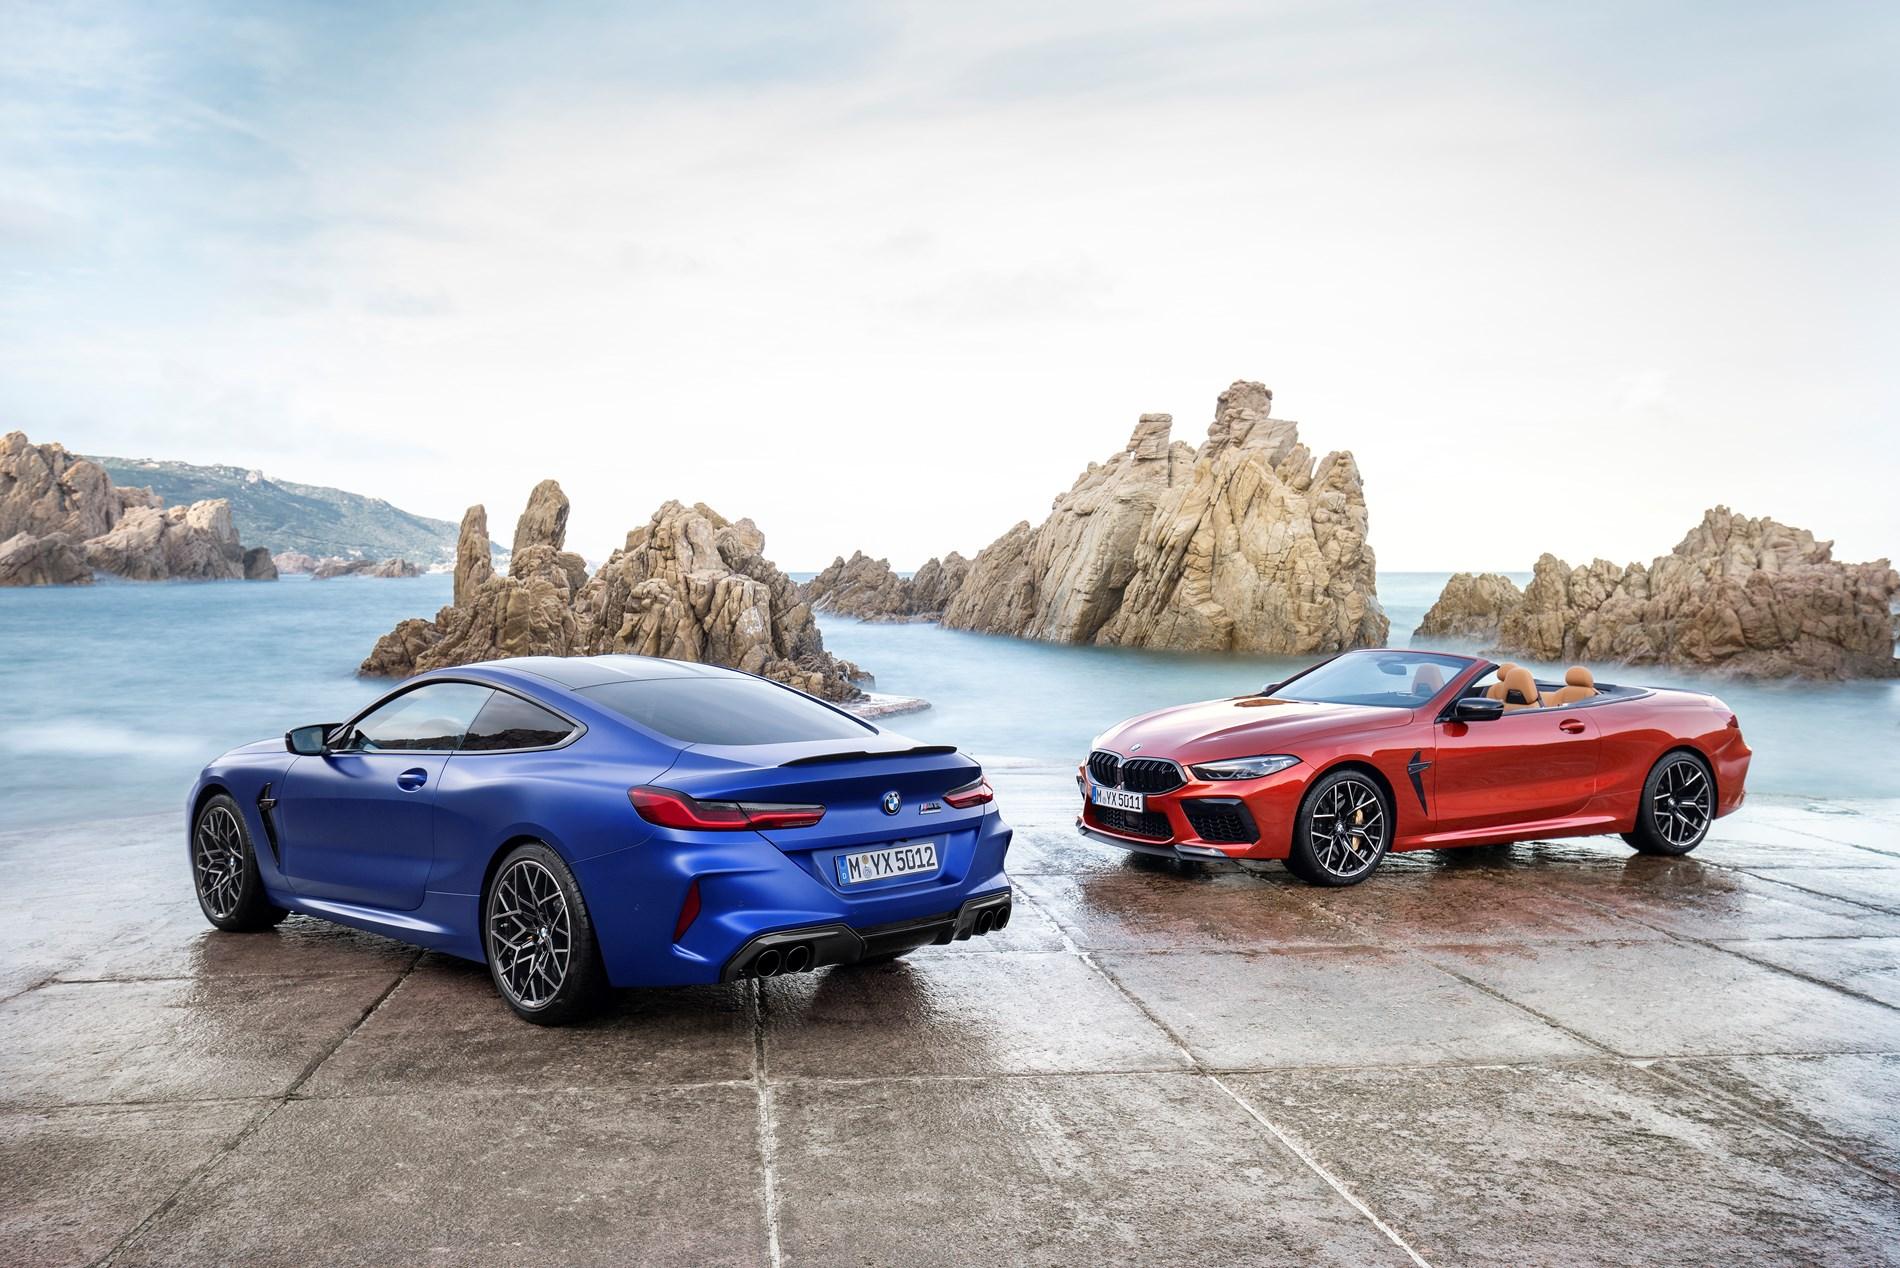 De nieuwe BMW M8 Coupé en BMW M8 Cabrio.